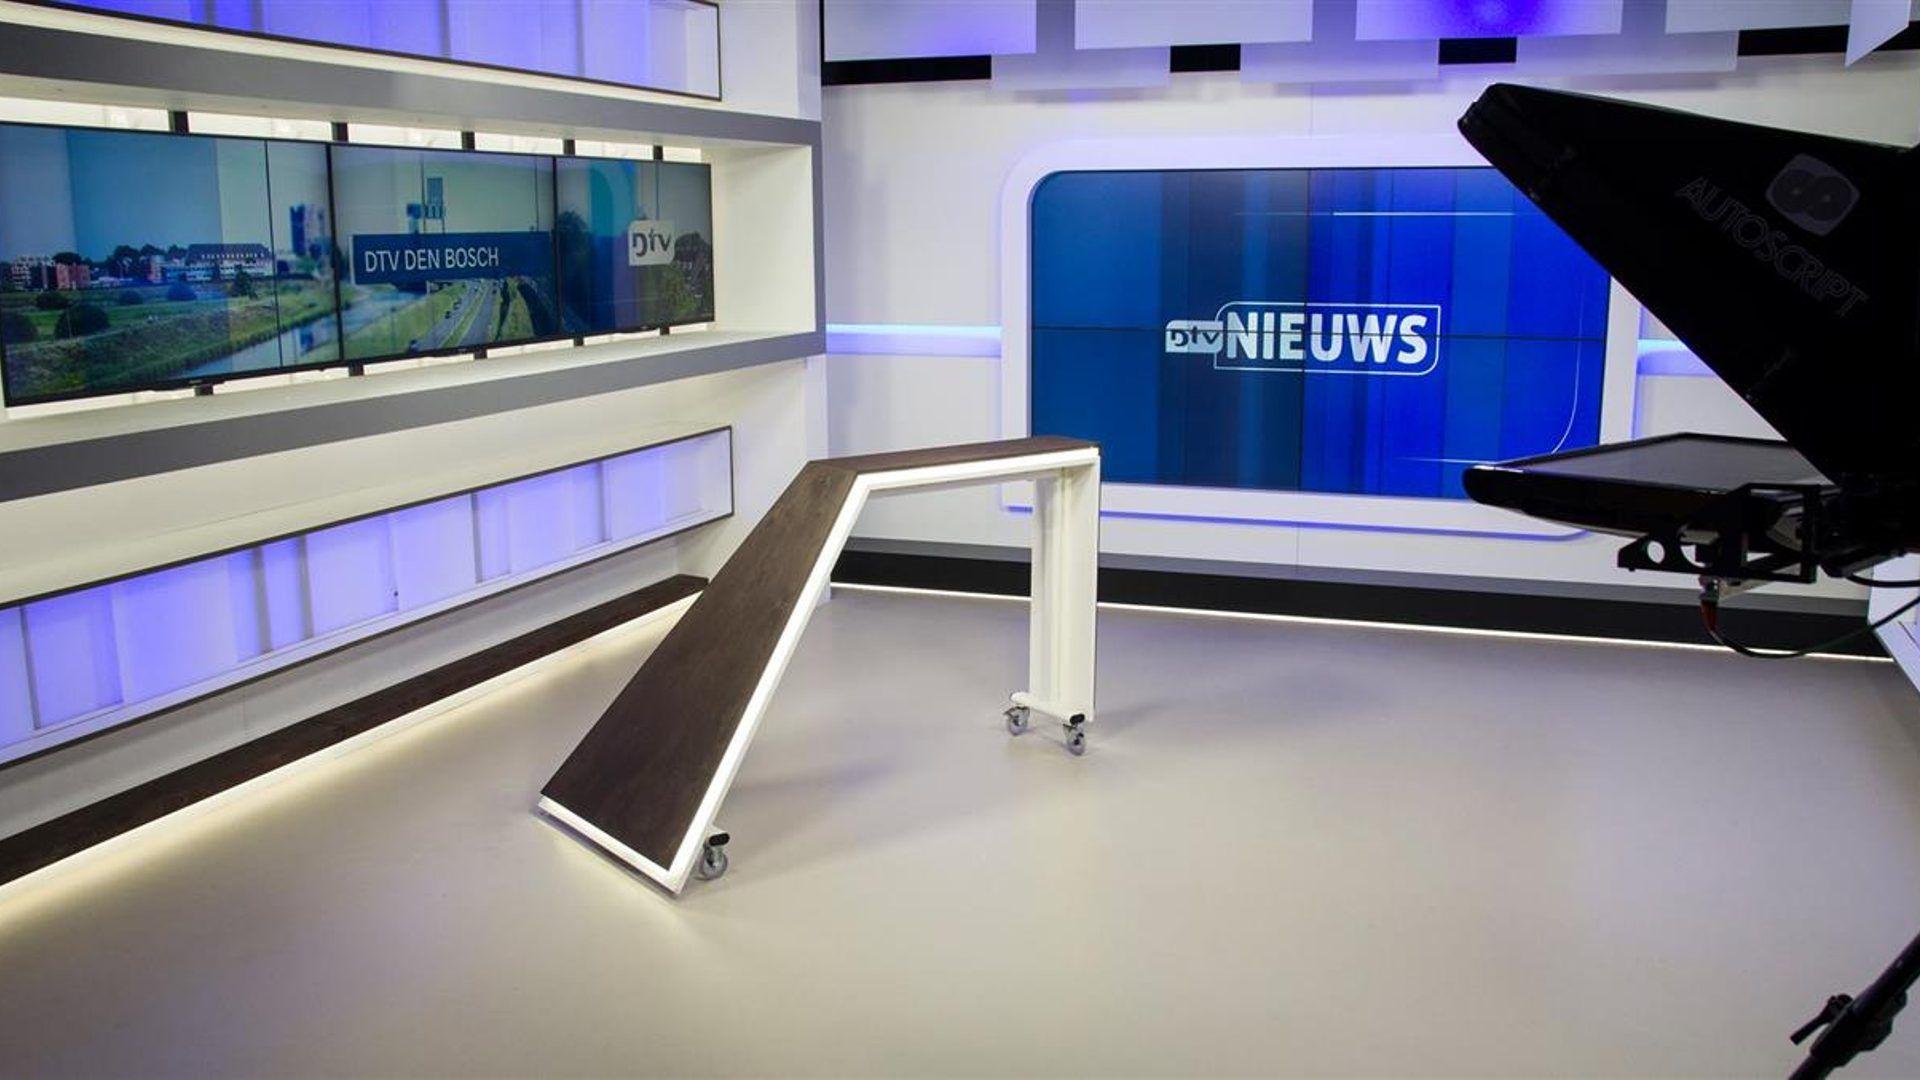 studio dtv nieuws.jpg